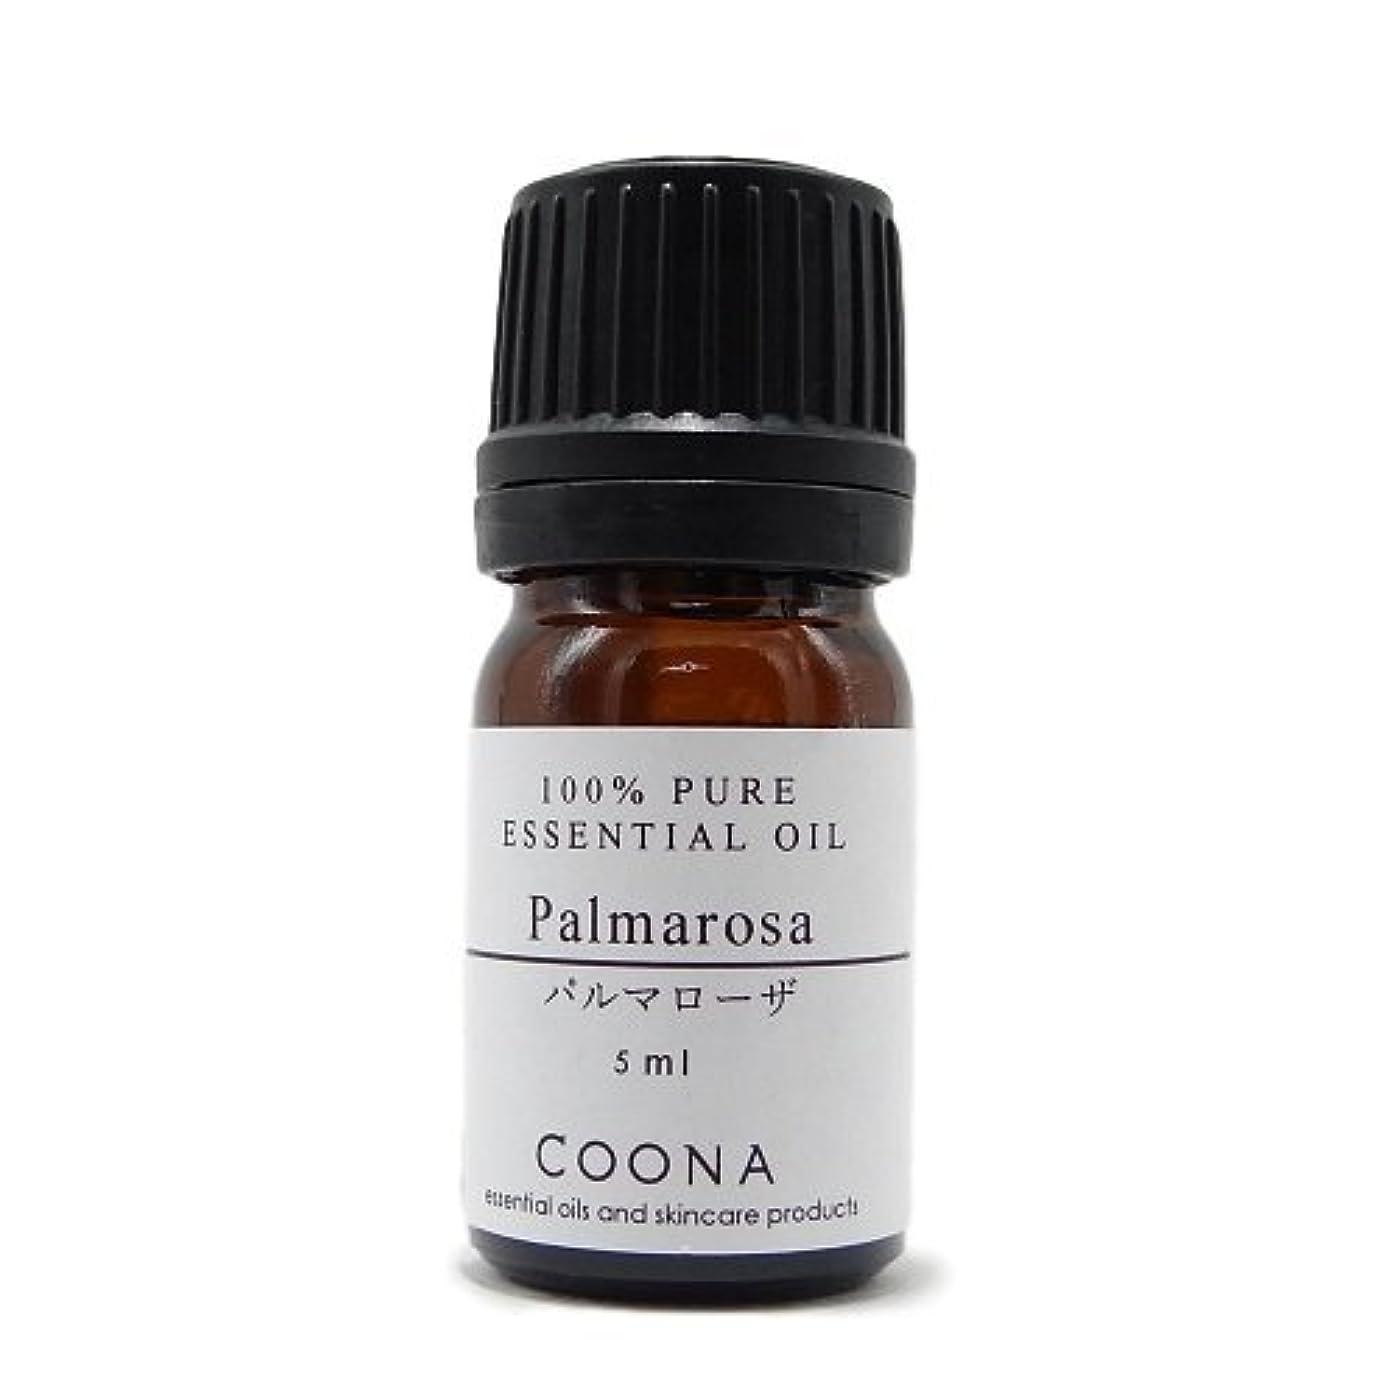 リーフレット眩惑する寄付パルマローザ 5 ml (COONA エッセンシャルオイル アロマオイル 100%天然植物精油)